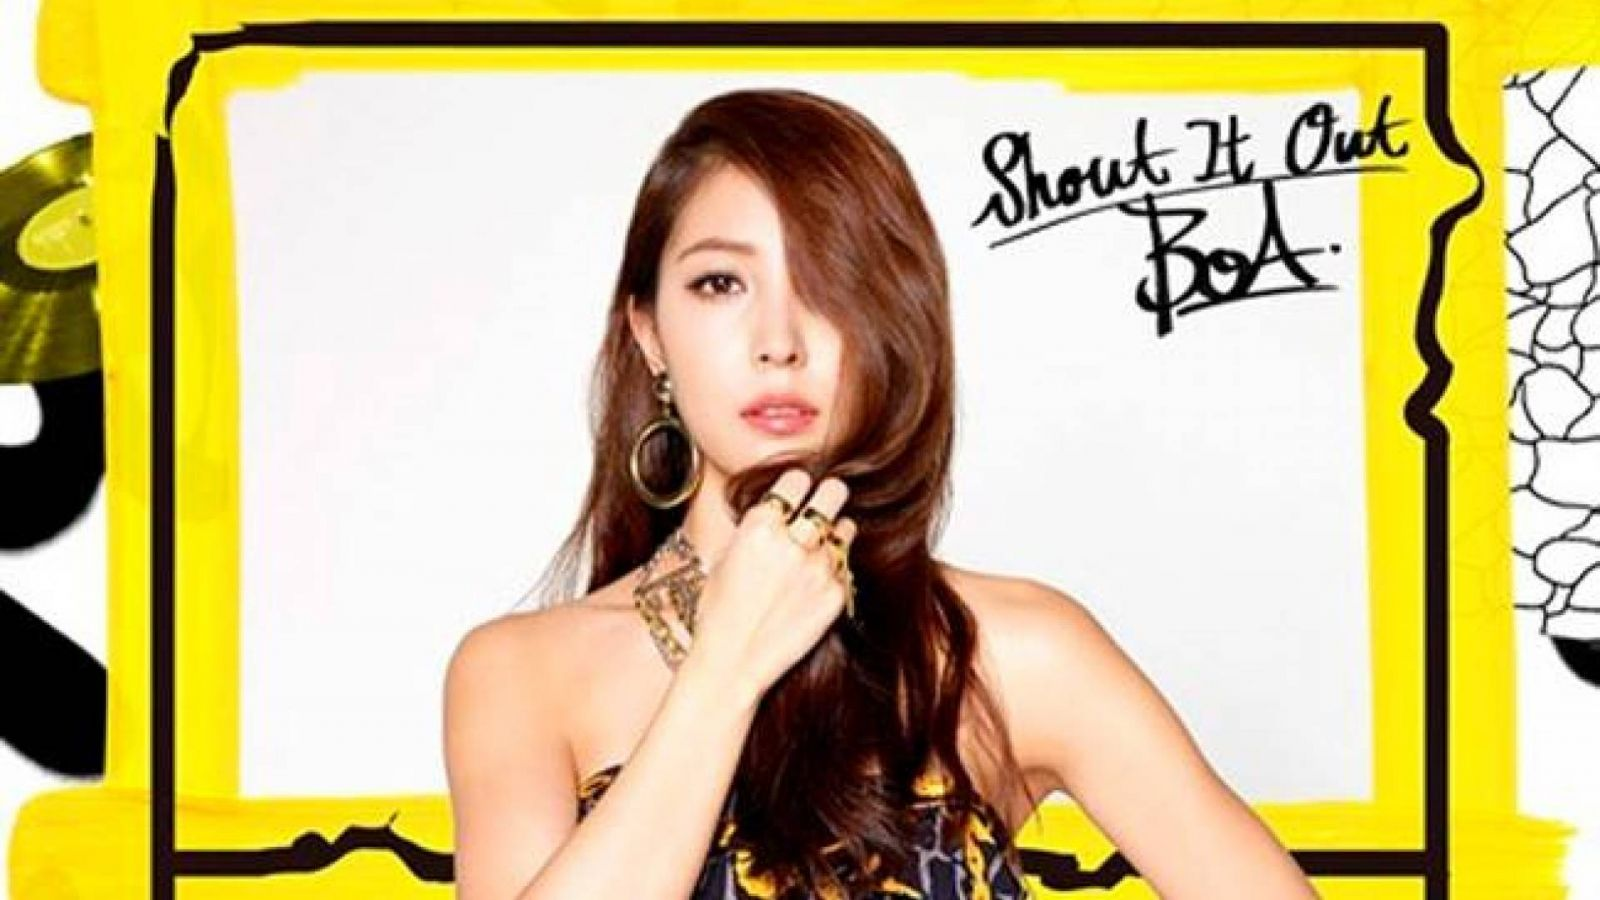 BoA julkaisee vuoden ensimmäisen singlensä © SM Entertainment